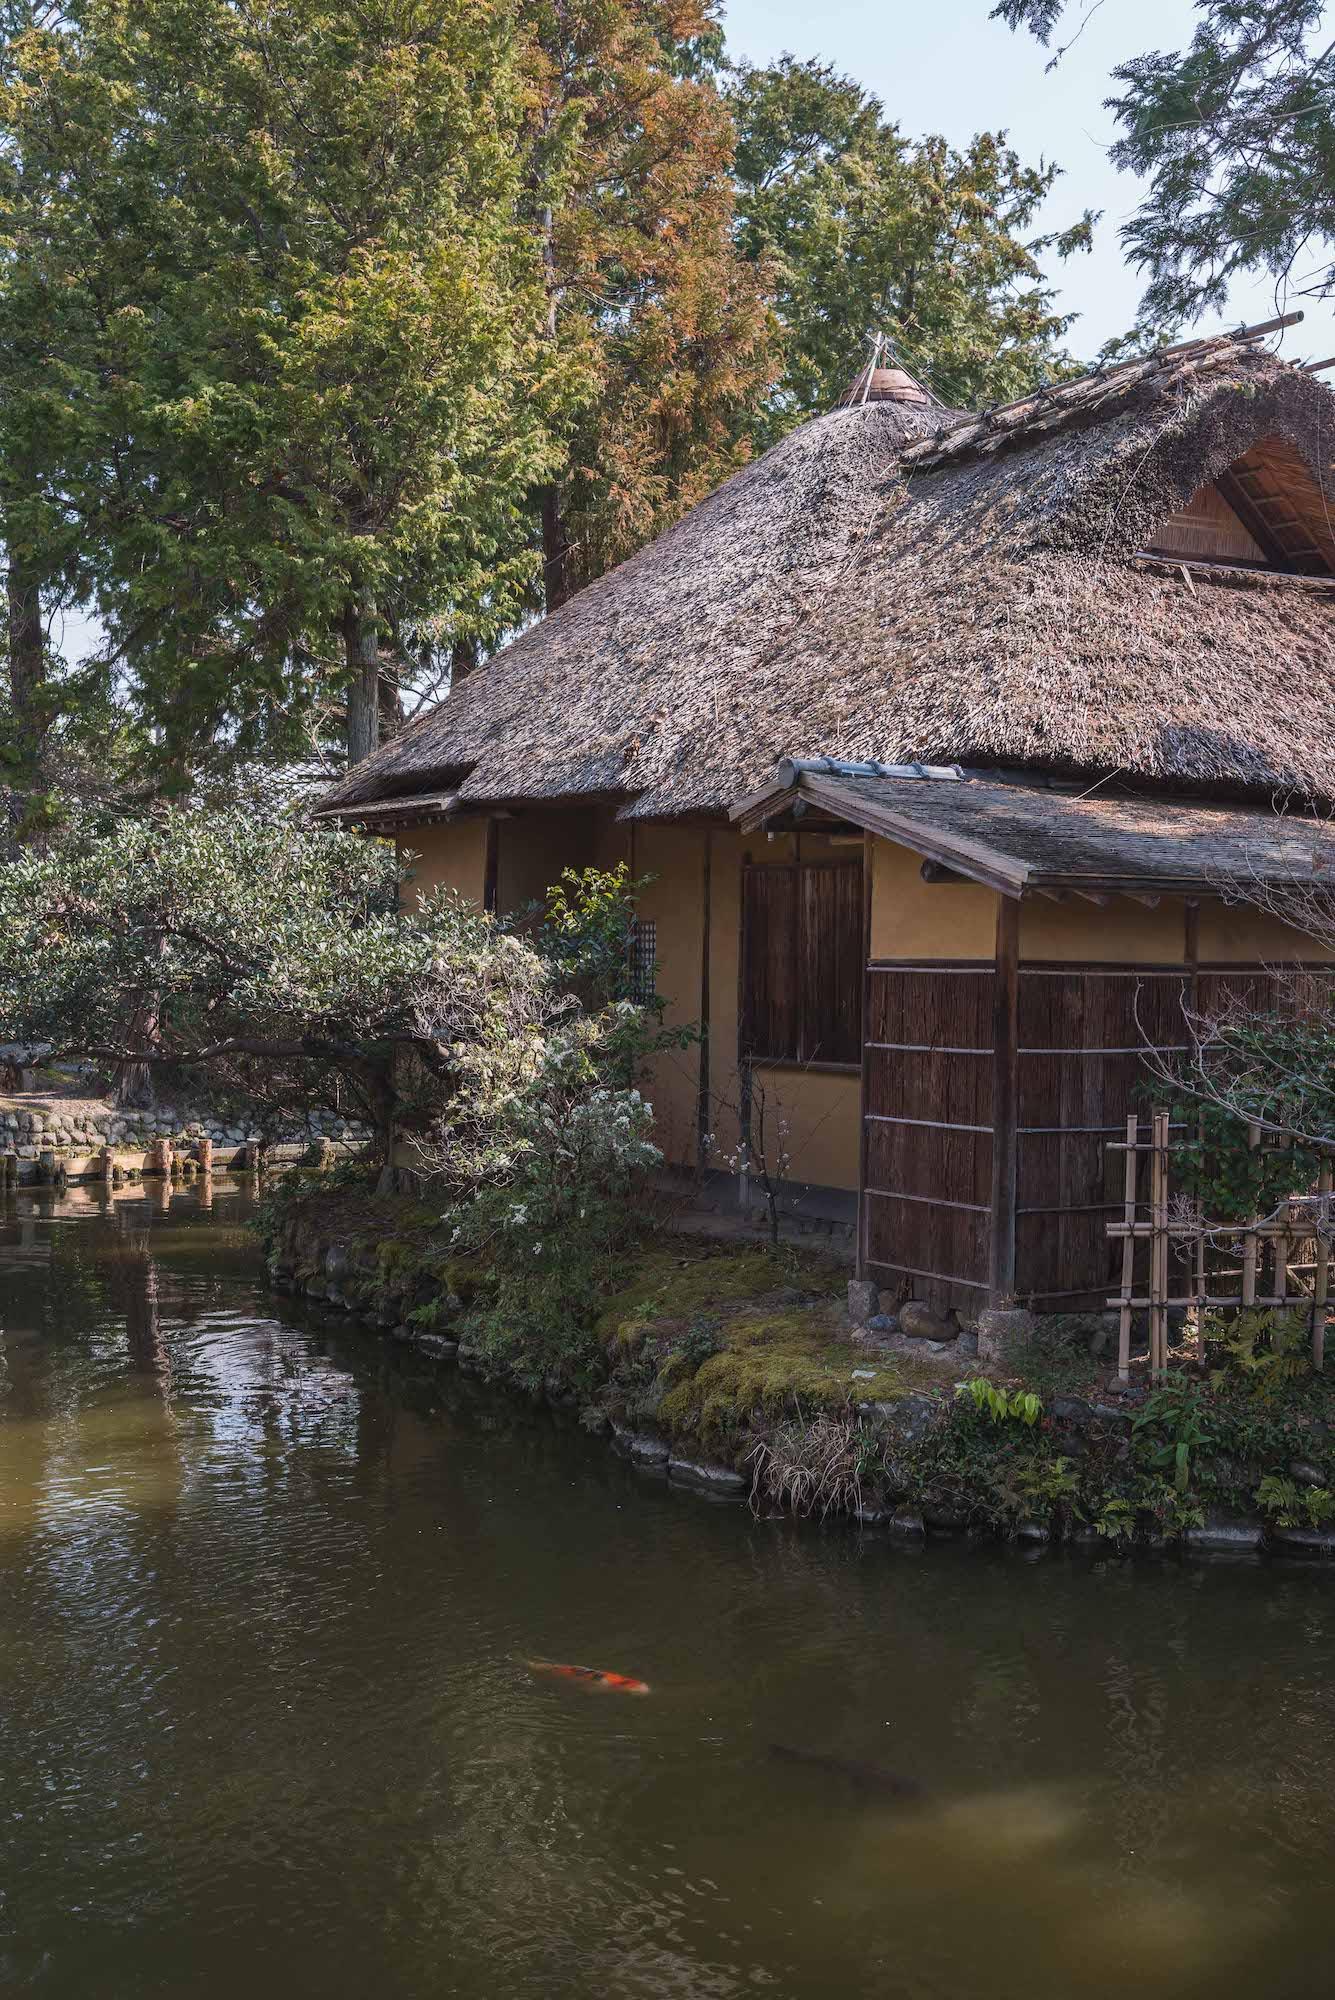 DSC_2121 京都 梅宮大社(境内に咲く35種500本の梅と猫神社で人気の写真スポット。 アクセス情報や交通手段・駐車場情報などまとめ)